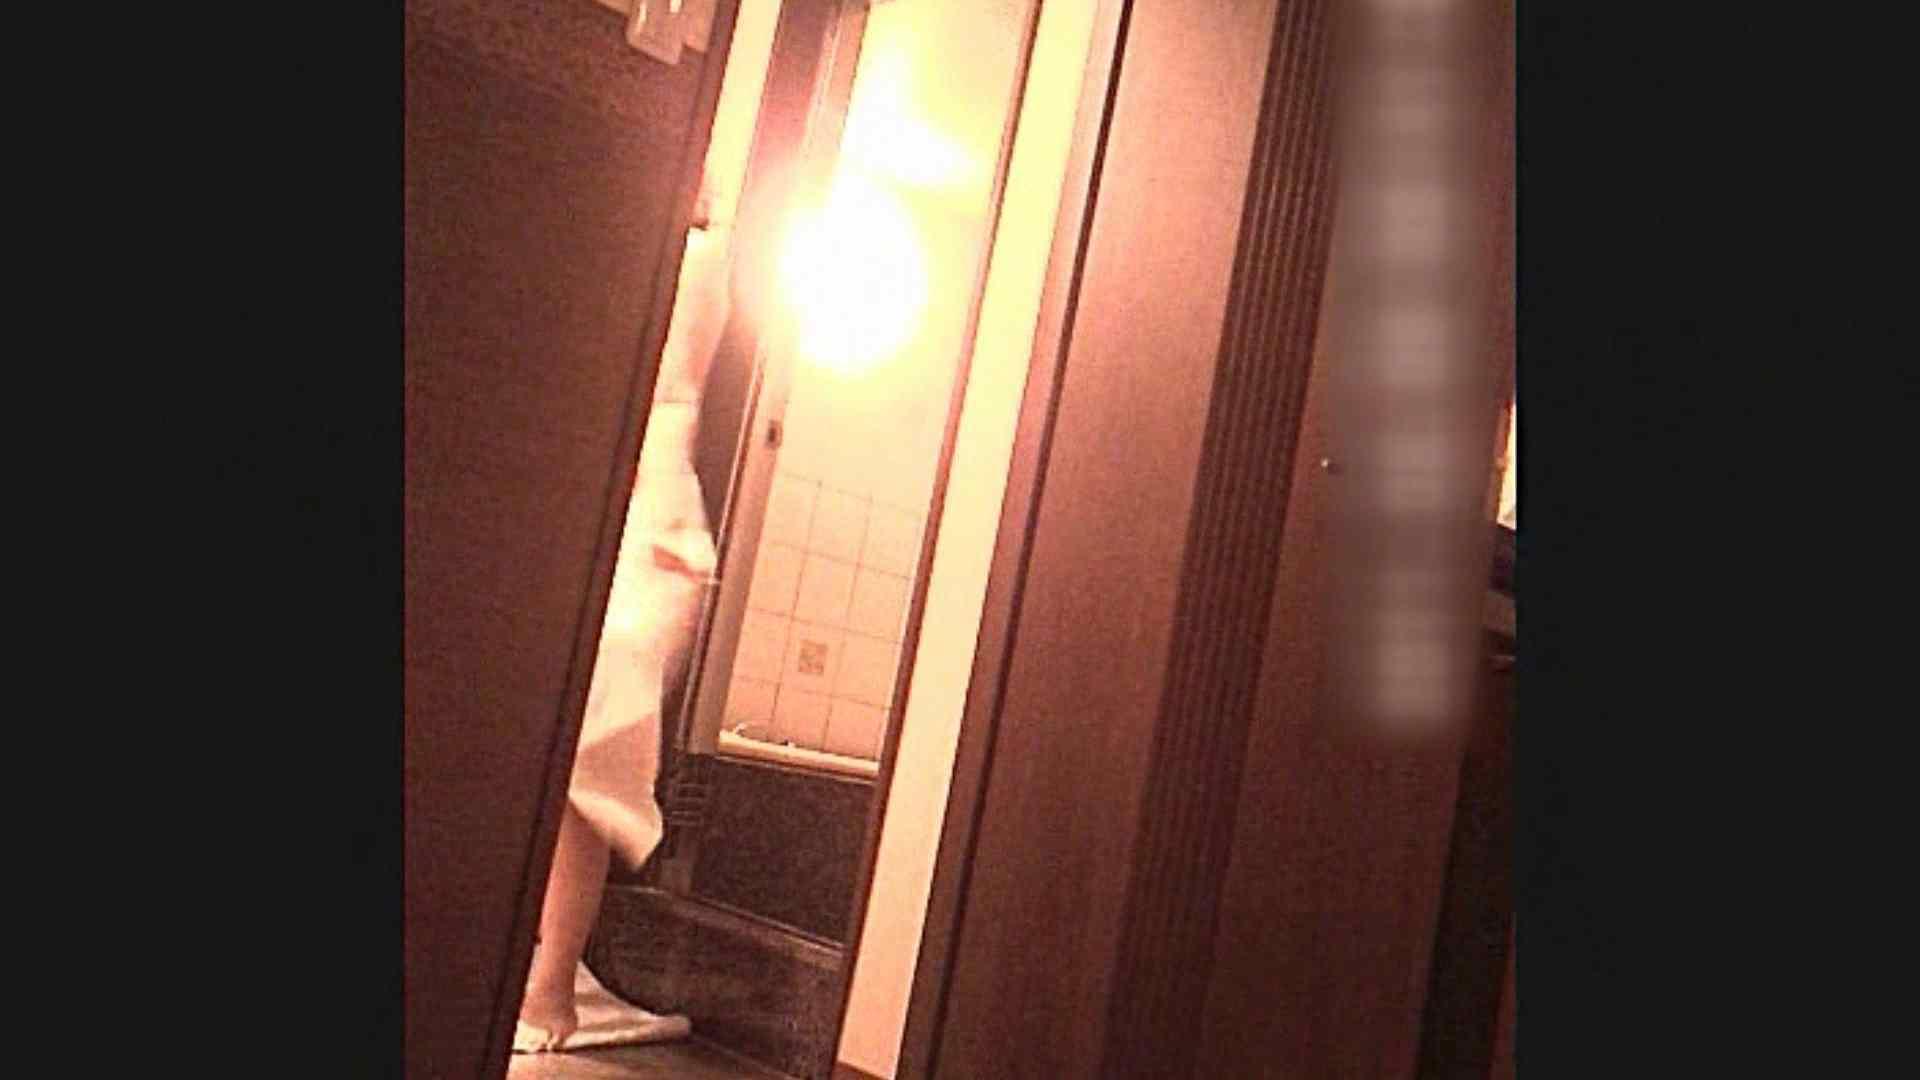 色白!!薬学科 ひろみちゃん  Vol.29 脱衣編 OL女体 オマンコ無修正動画無料 66連発 58